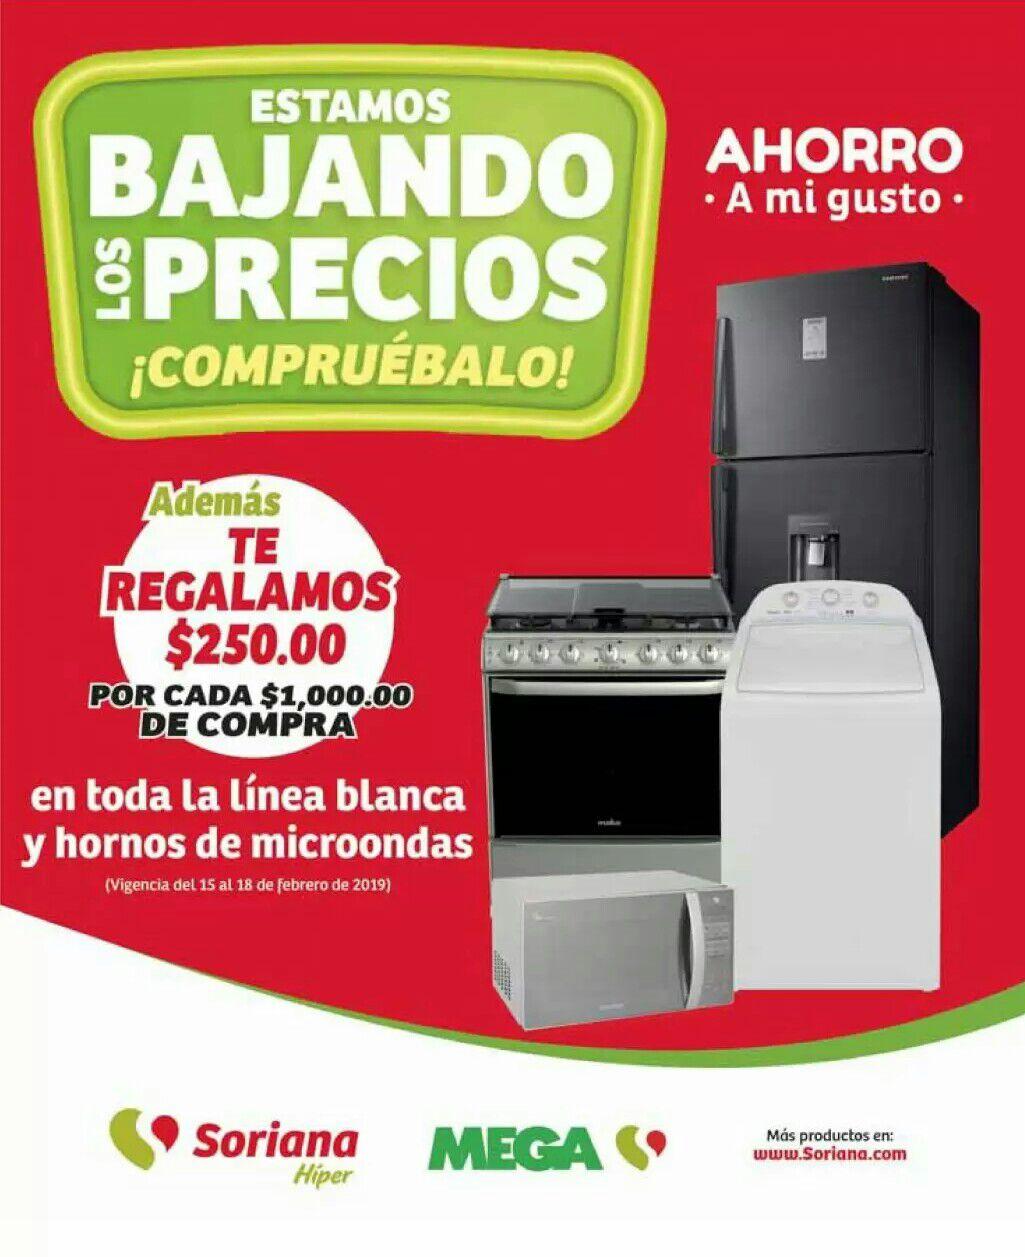 Soriana Híper y MEGA Soriana: $250 de descuento por cada $1,000 en toda la línea blanca y hornos de microondas